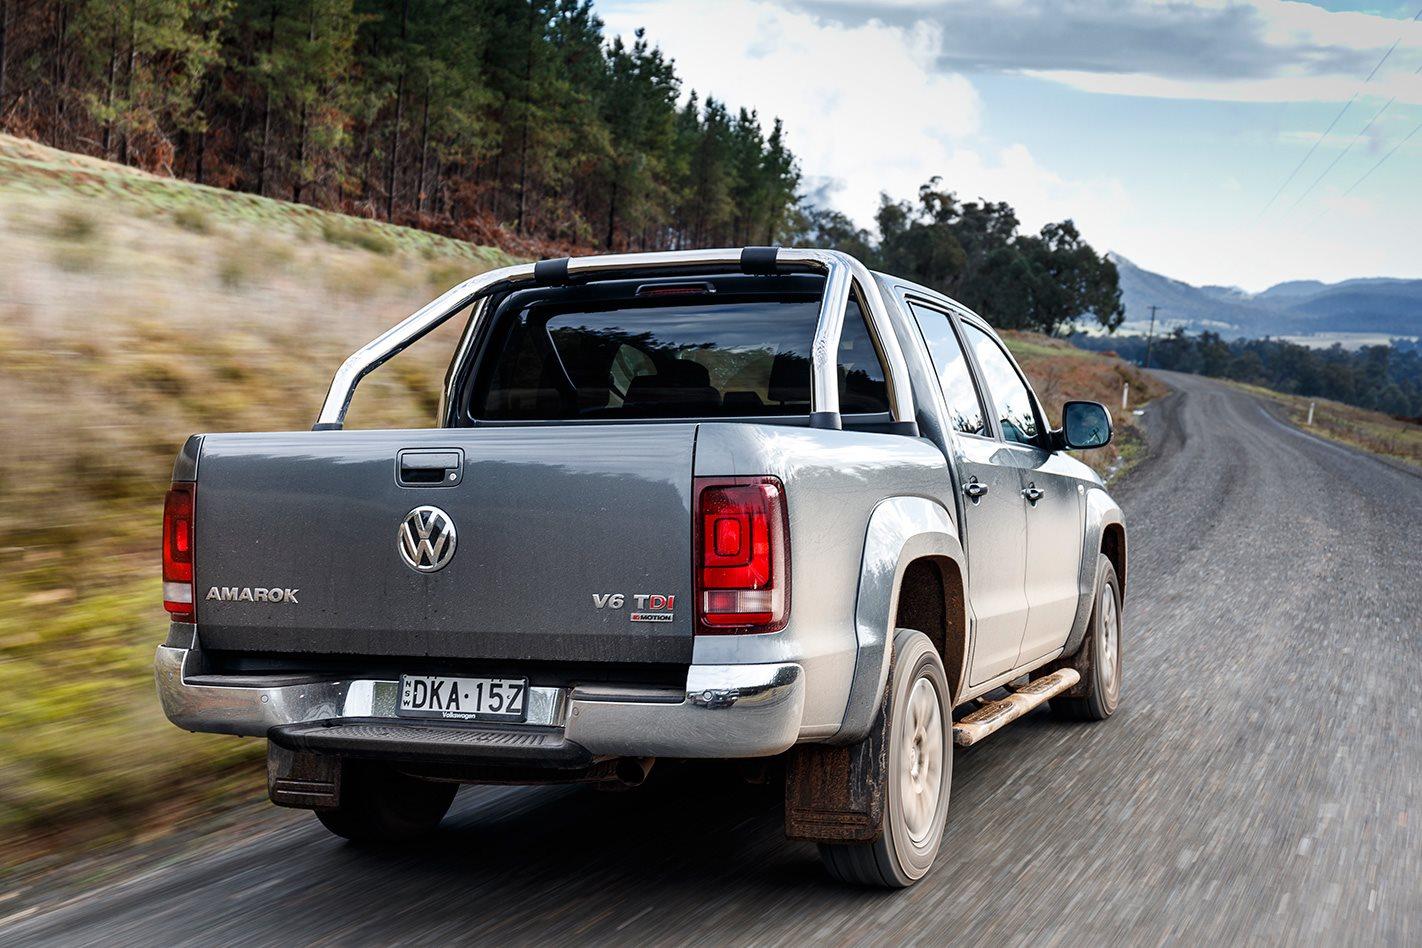 Volkswagen Amarok V6 ute.jpg